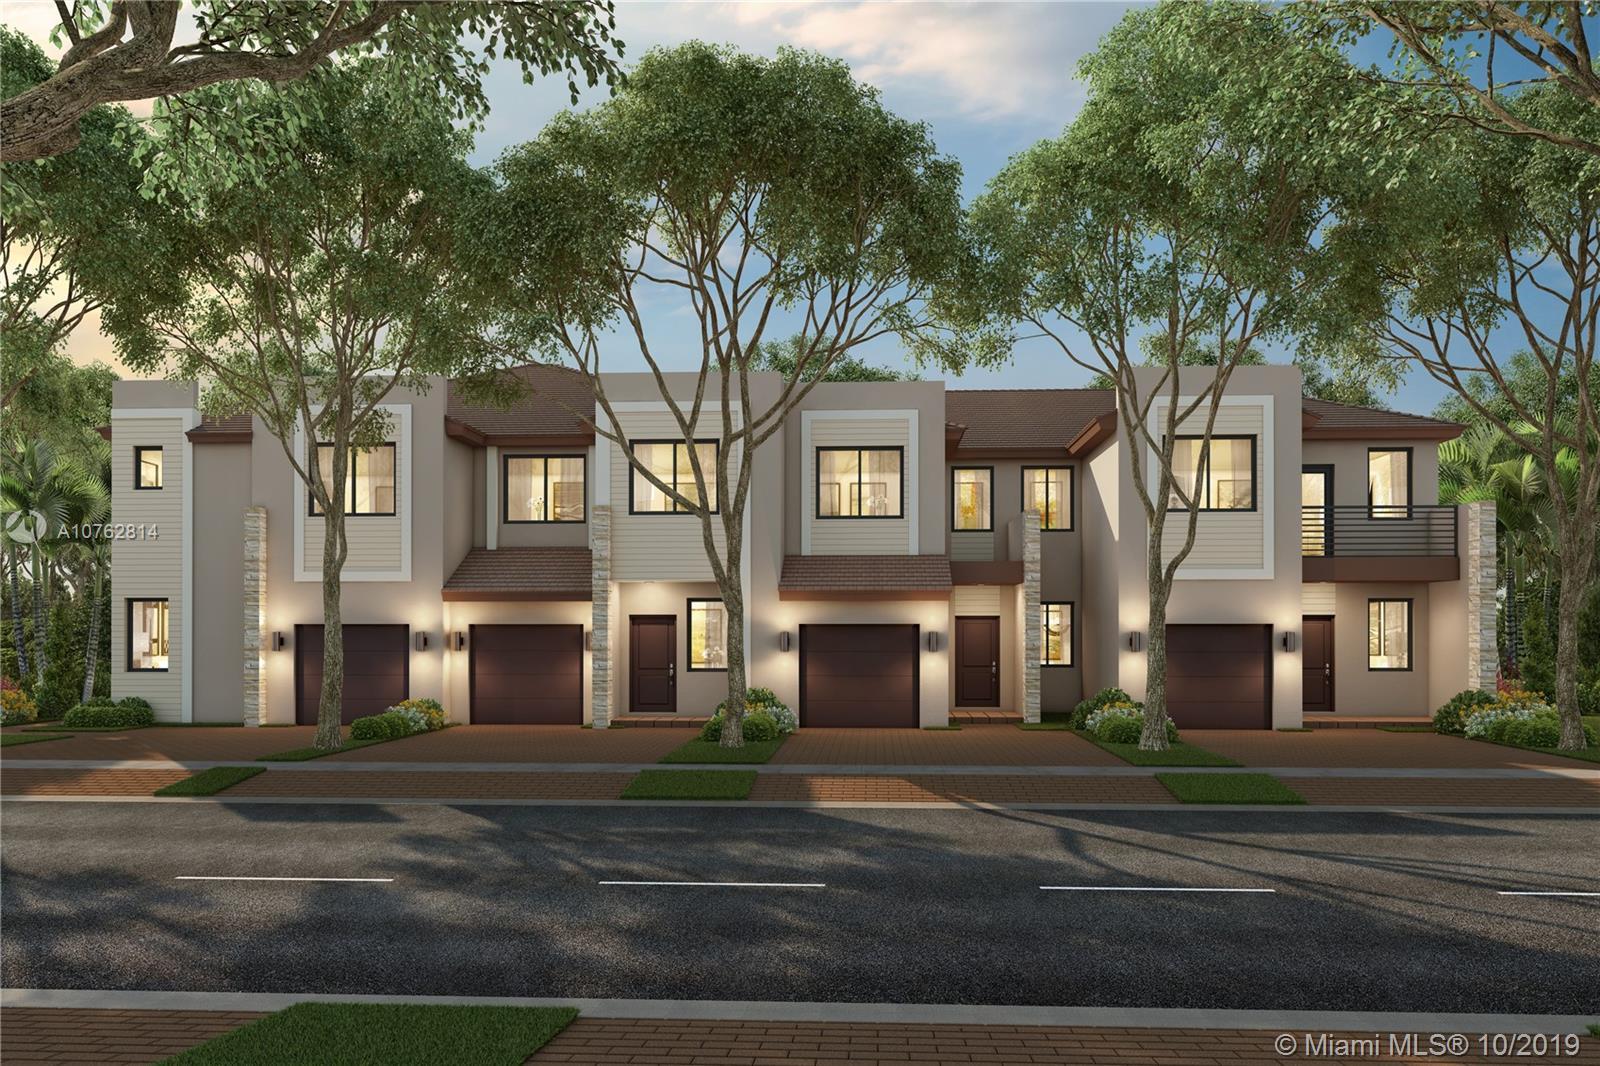 20977 NE 2 PL, Miami, FL 33179 - Miami, FL real estate listing